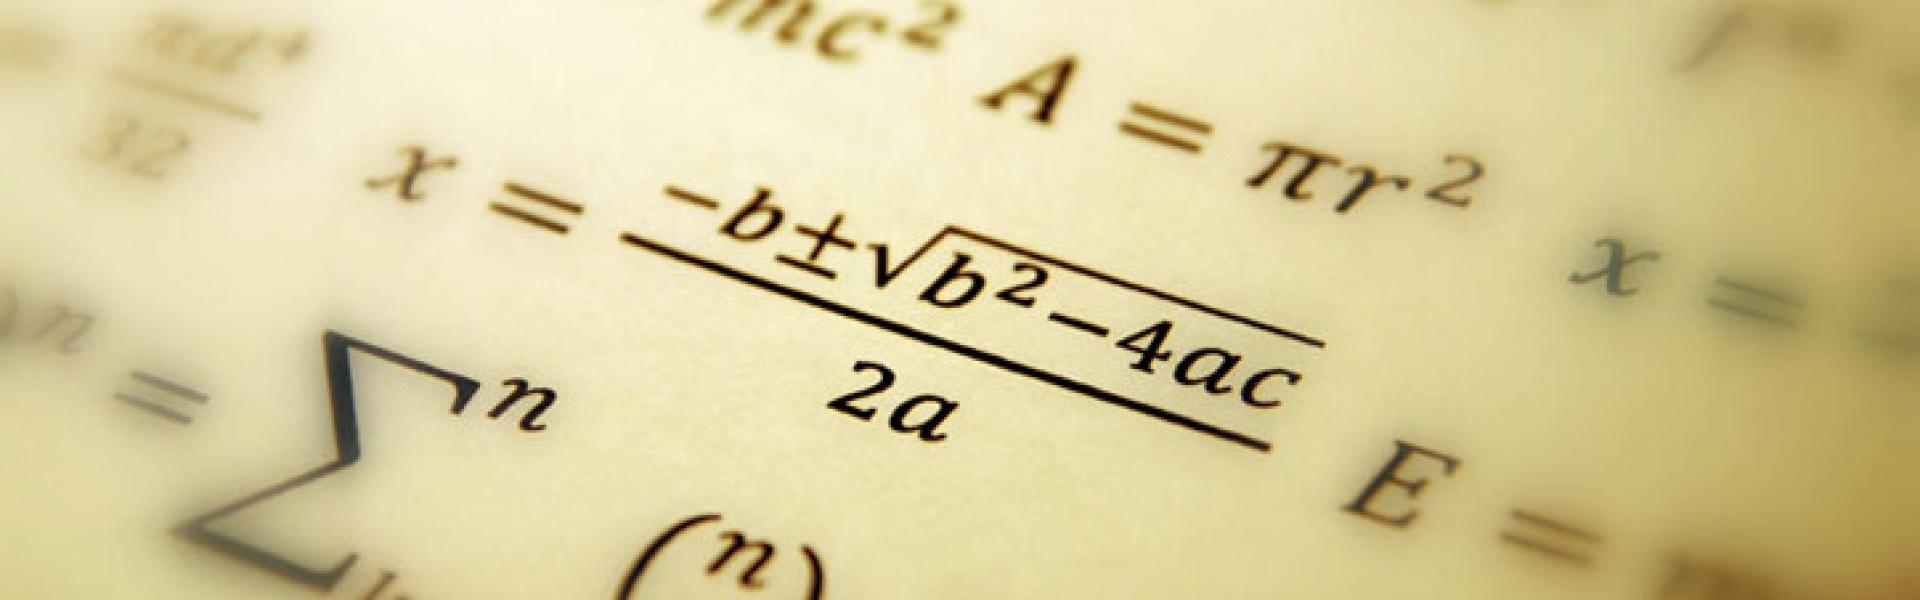 Test matematico che solo 1 su 1000 riesce a risolvere